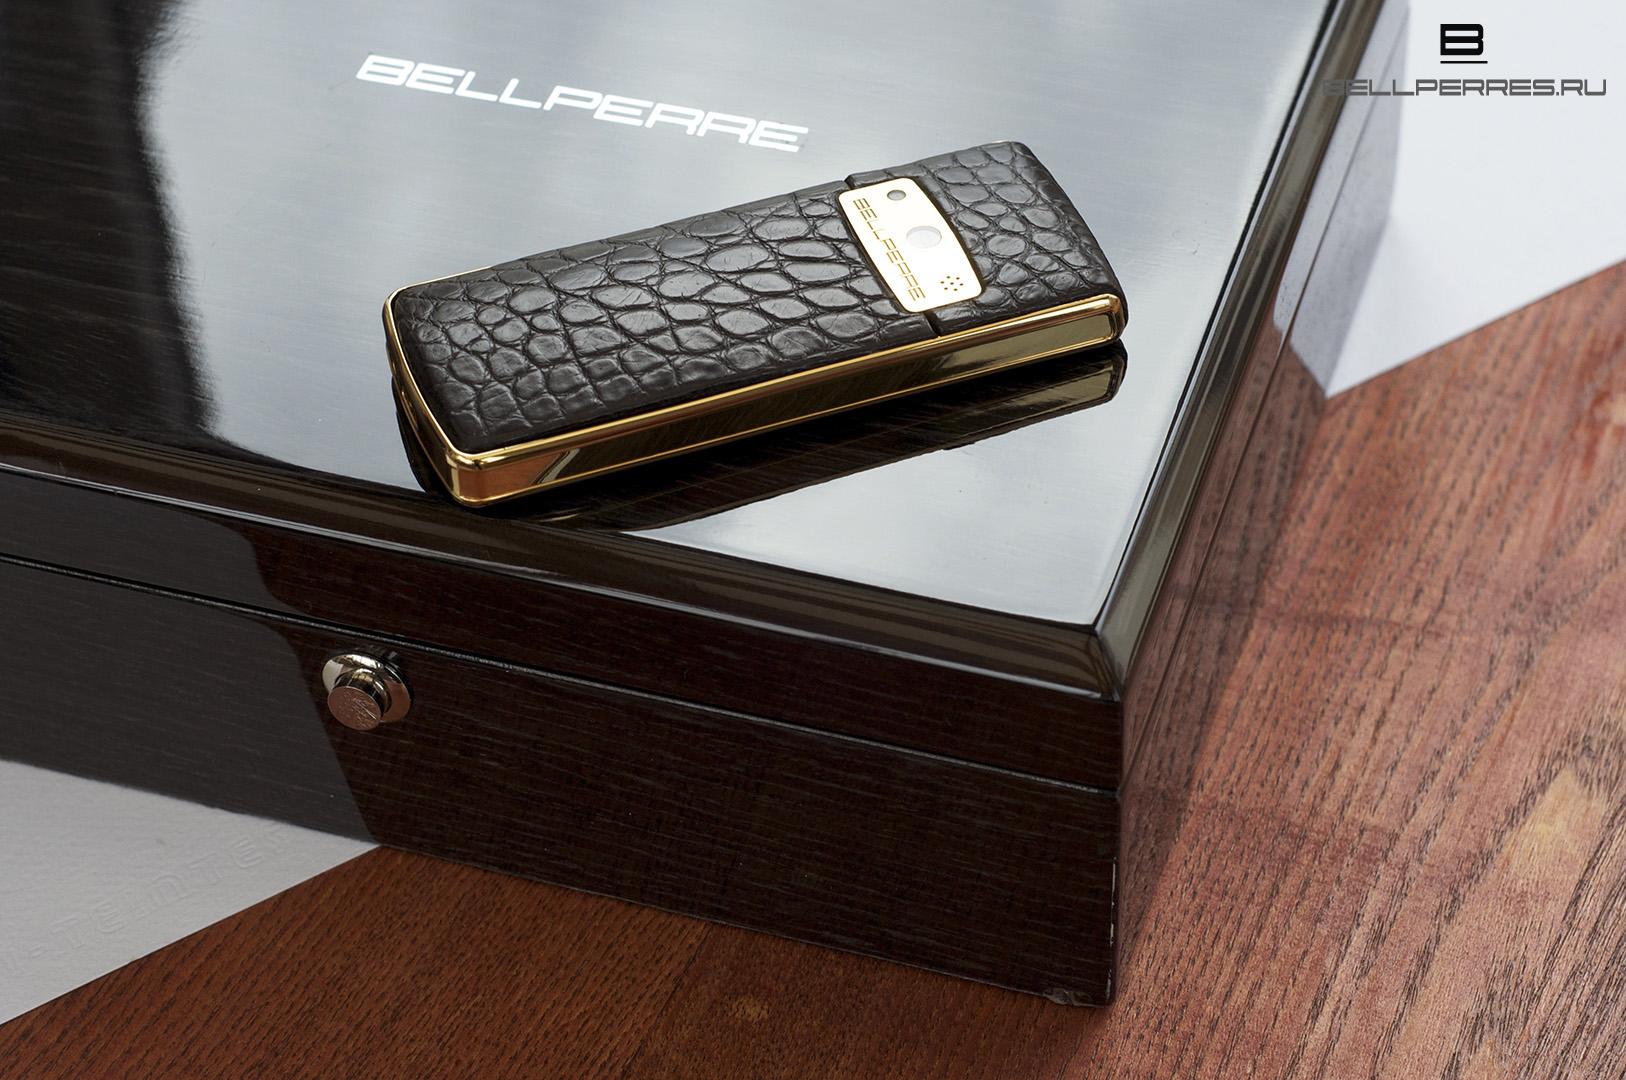 bellperre-russia-33